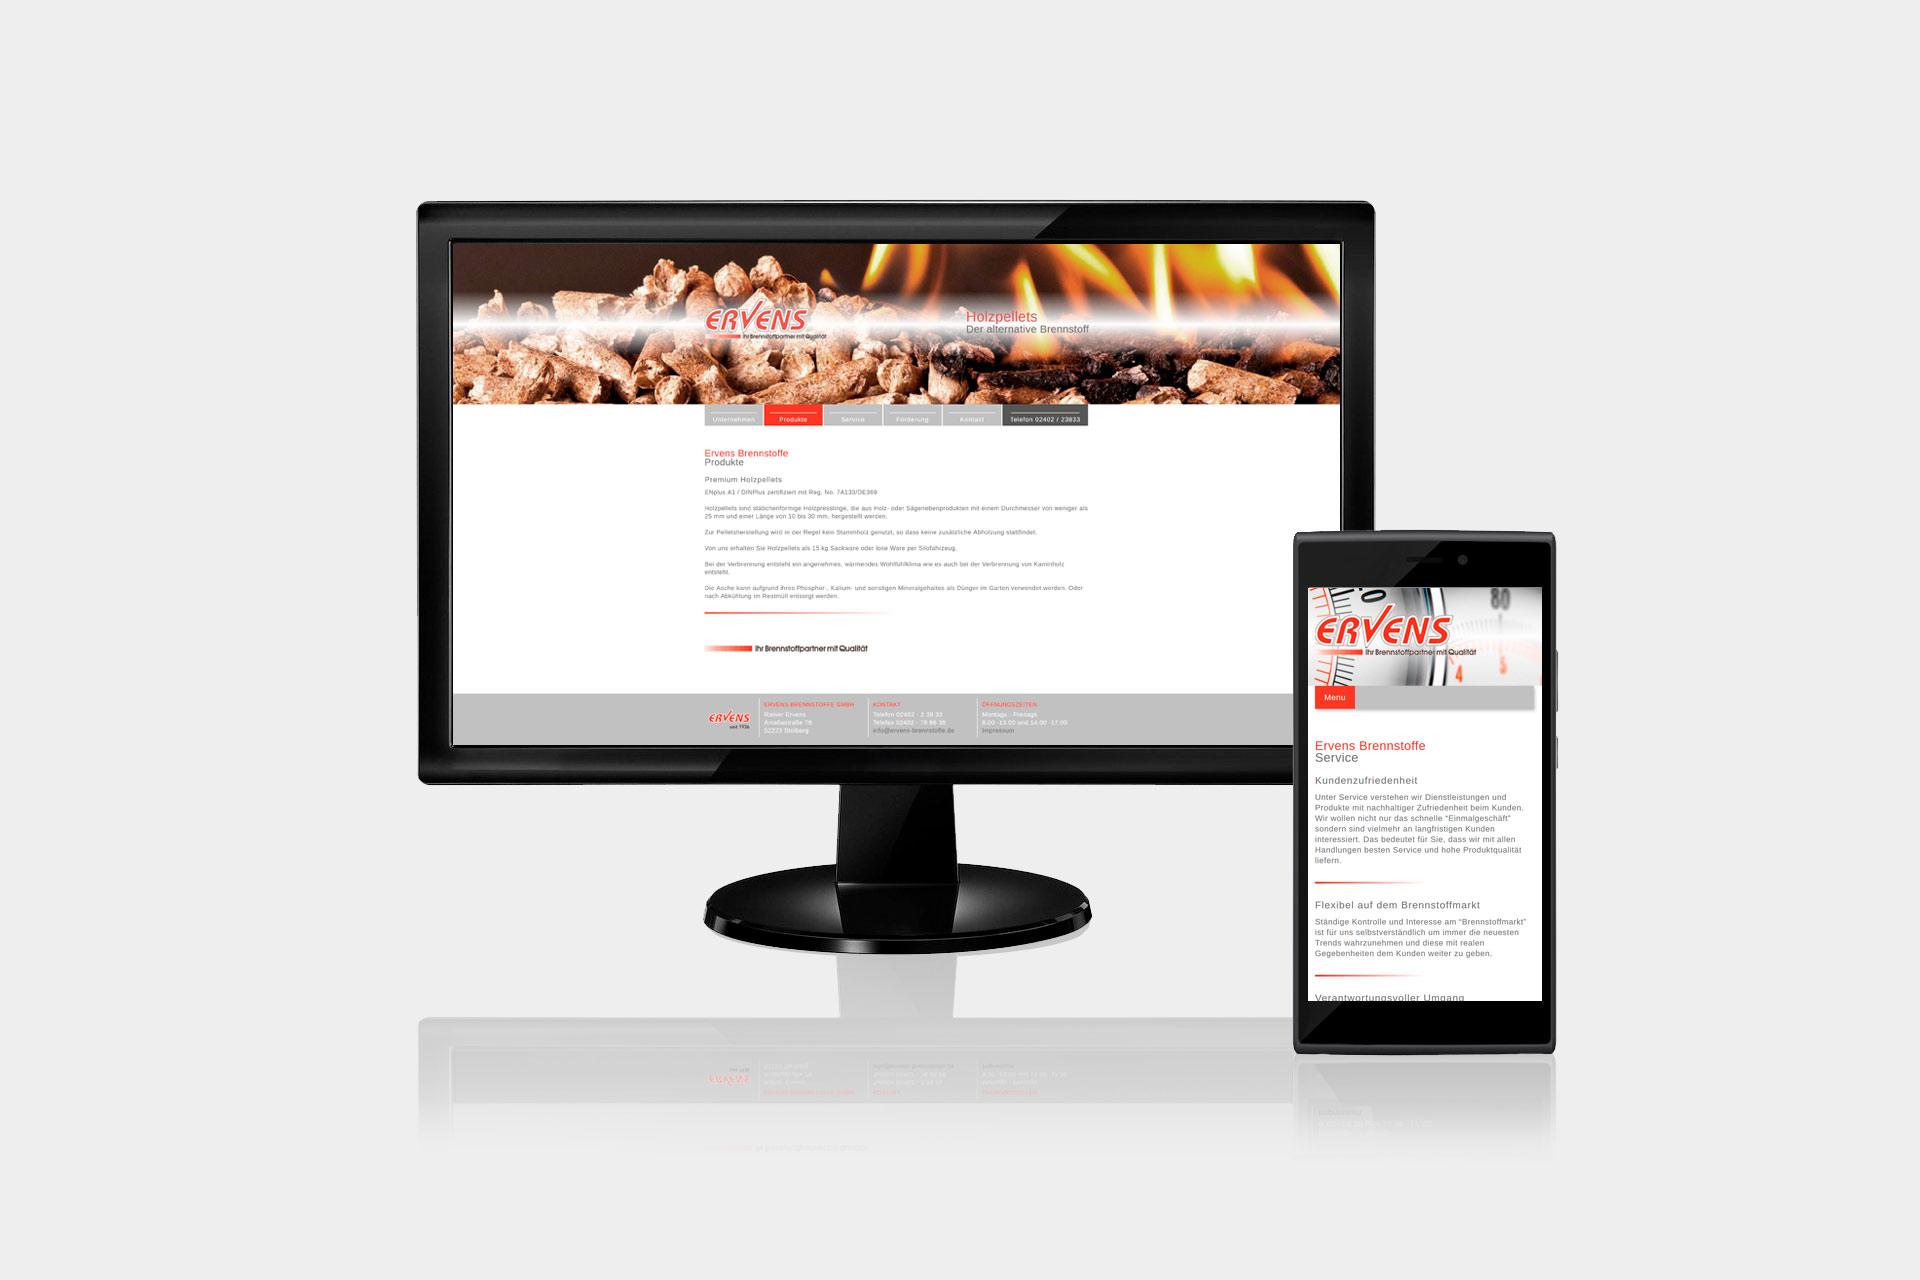 webdesign-ervens